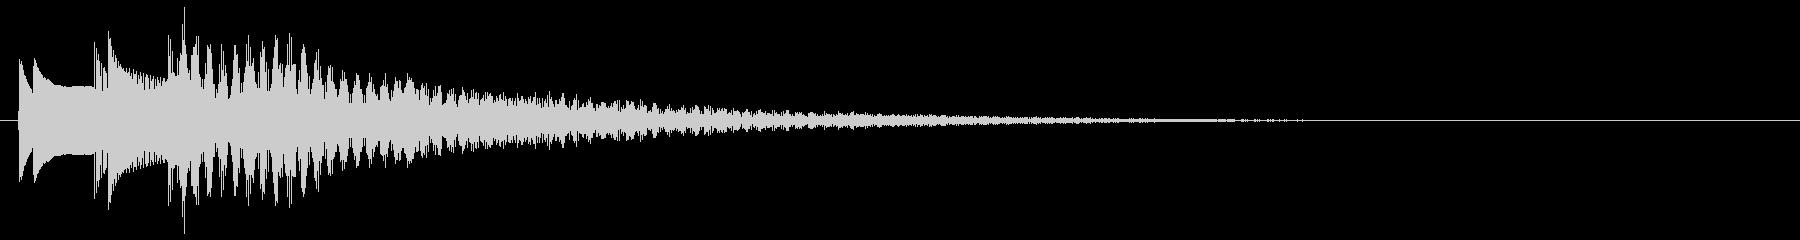 ポロロロン(ポイント・題目・トピック音)の未再生の波形